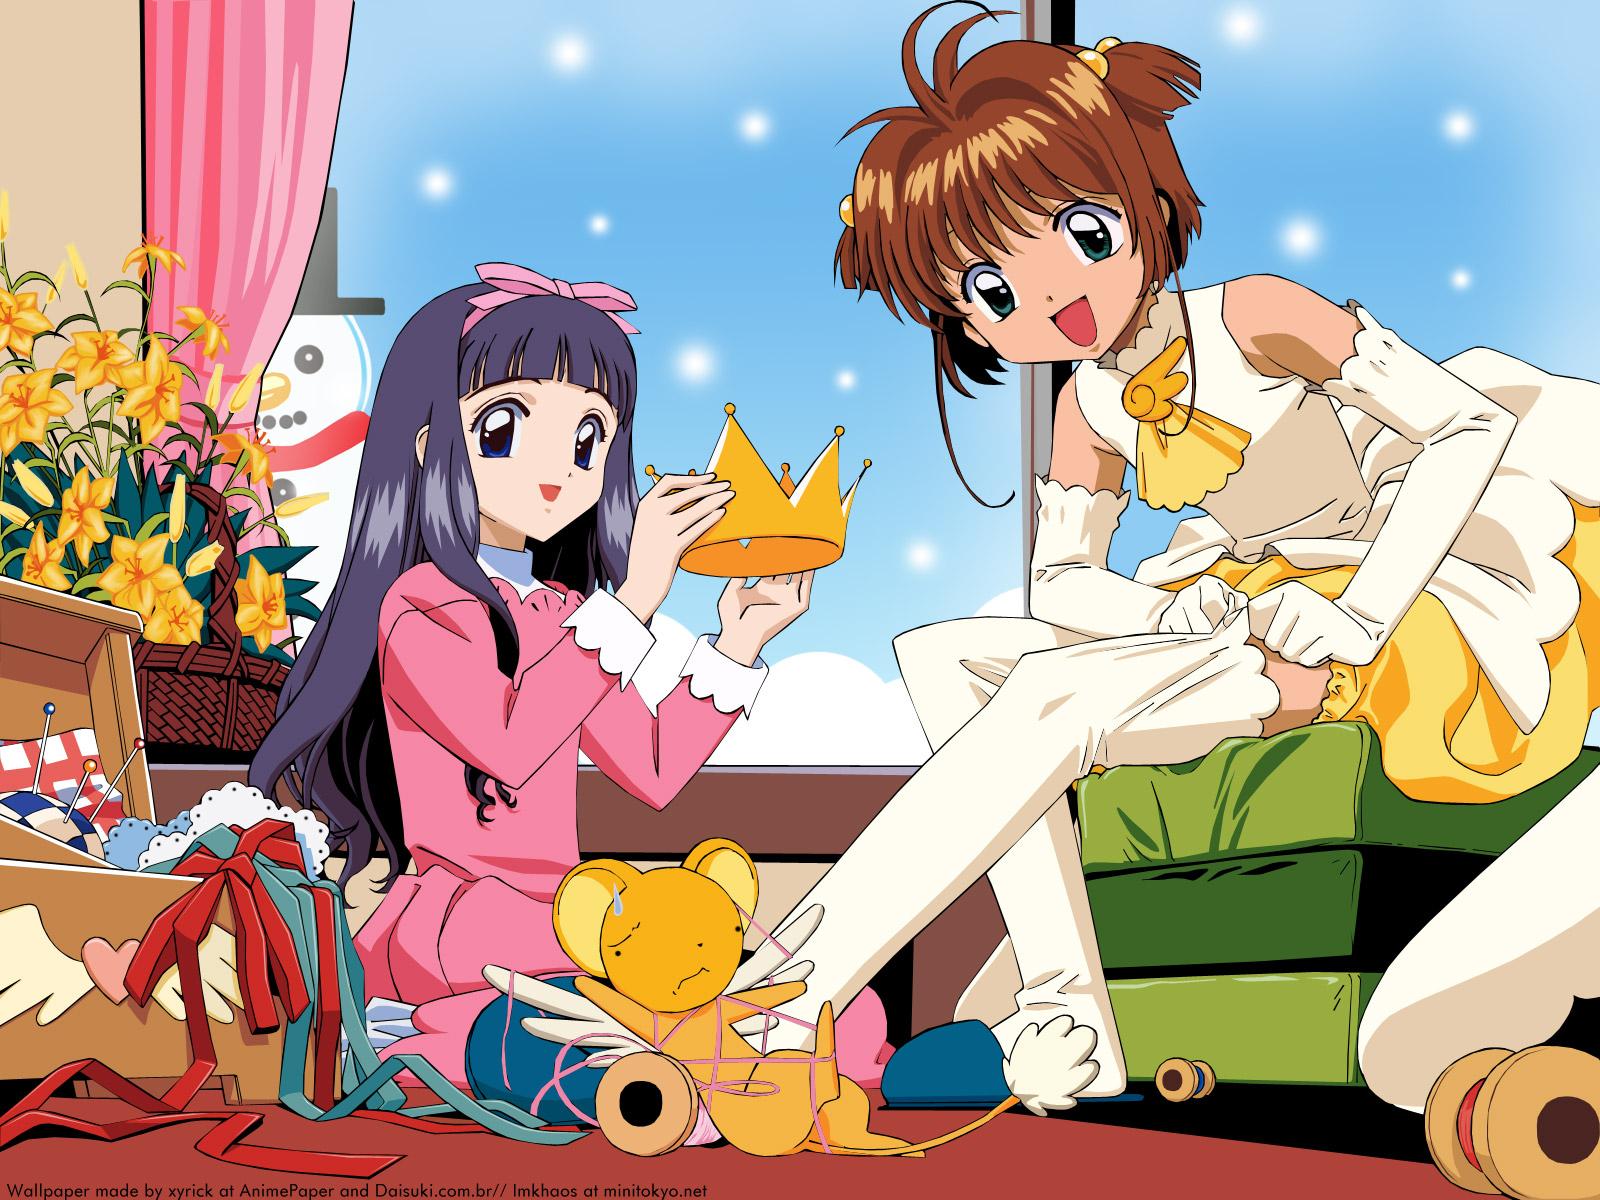 http://2.bp.blogspot.com/_GLL_Wg738vc/TQbjpPA__4I/AAAAAAAAAJo/Nw4htm_kVII/s1600/011-+Sakura+Card+Captor.jpg